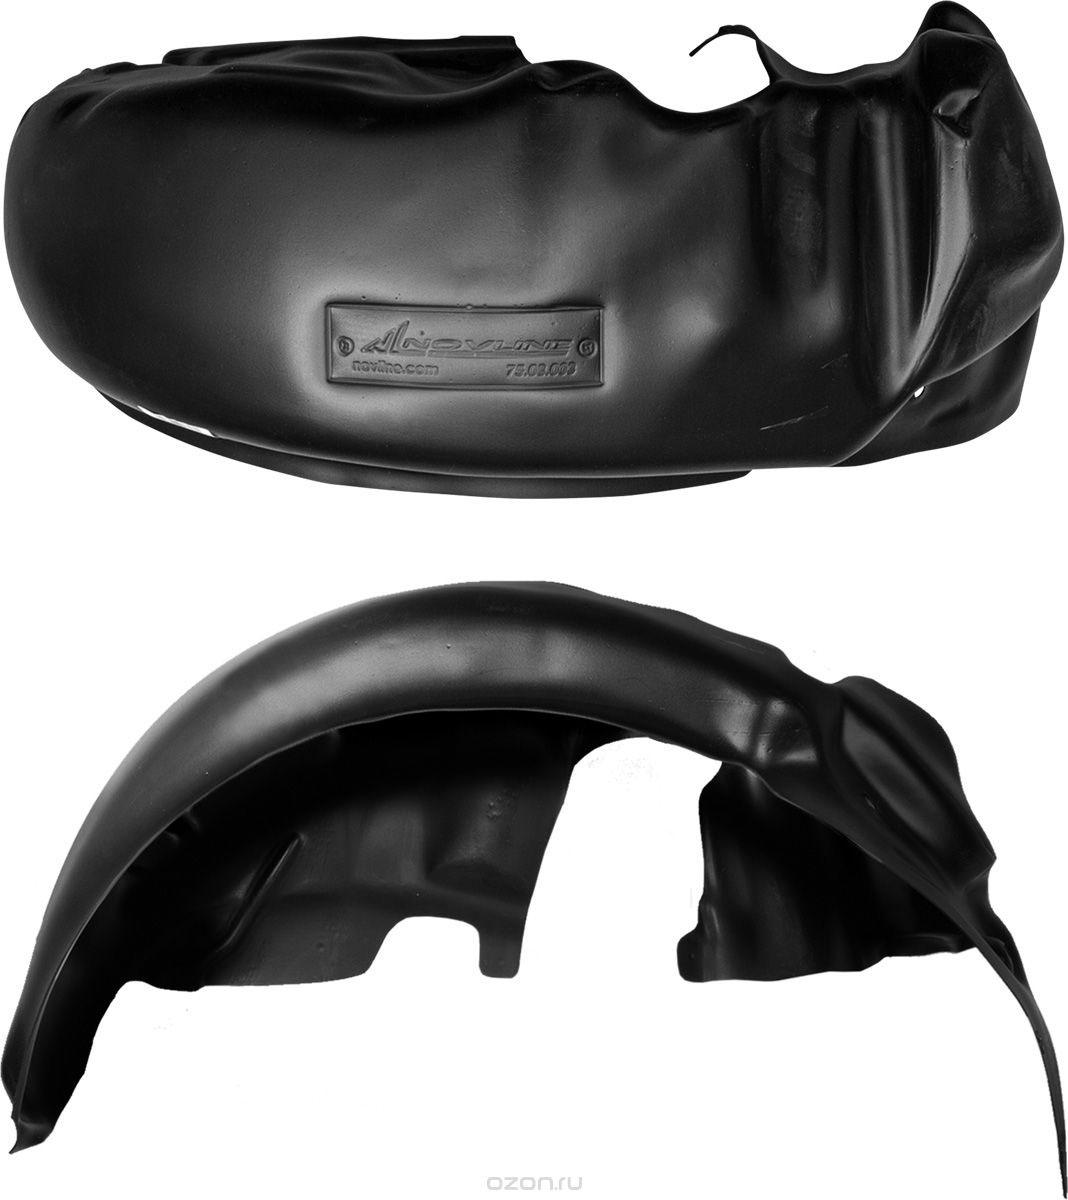 Подкрылок Novline-Autofamily, для NISSAN X-Trail, 2007-2011, 2011->, передний левыйVCA-00Идеальная защита колесной ниши. Локеры разработаны с применением цифровых технологий, гарантируют максимальную повторяемость поверхности арки. Изделия устанавливаются без нарушения лакокрасочного покрытия автомобиля, каждый подкрылок комплектуется крепежом. Уважаемые клиенты, обращаем ваше внимание, что фотографии на подкрылки универсальные и не отражают реальную форму изделия. При этом само изделие идет точно под размер указанного автомобиля.